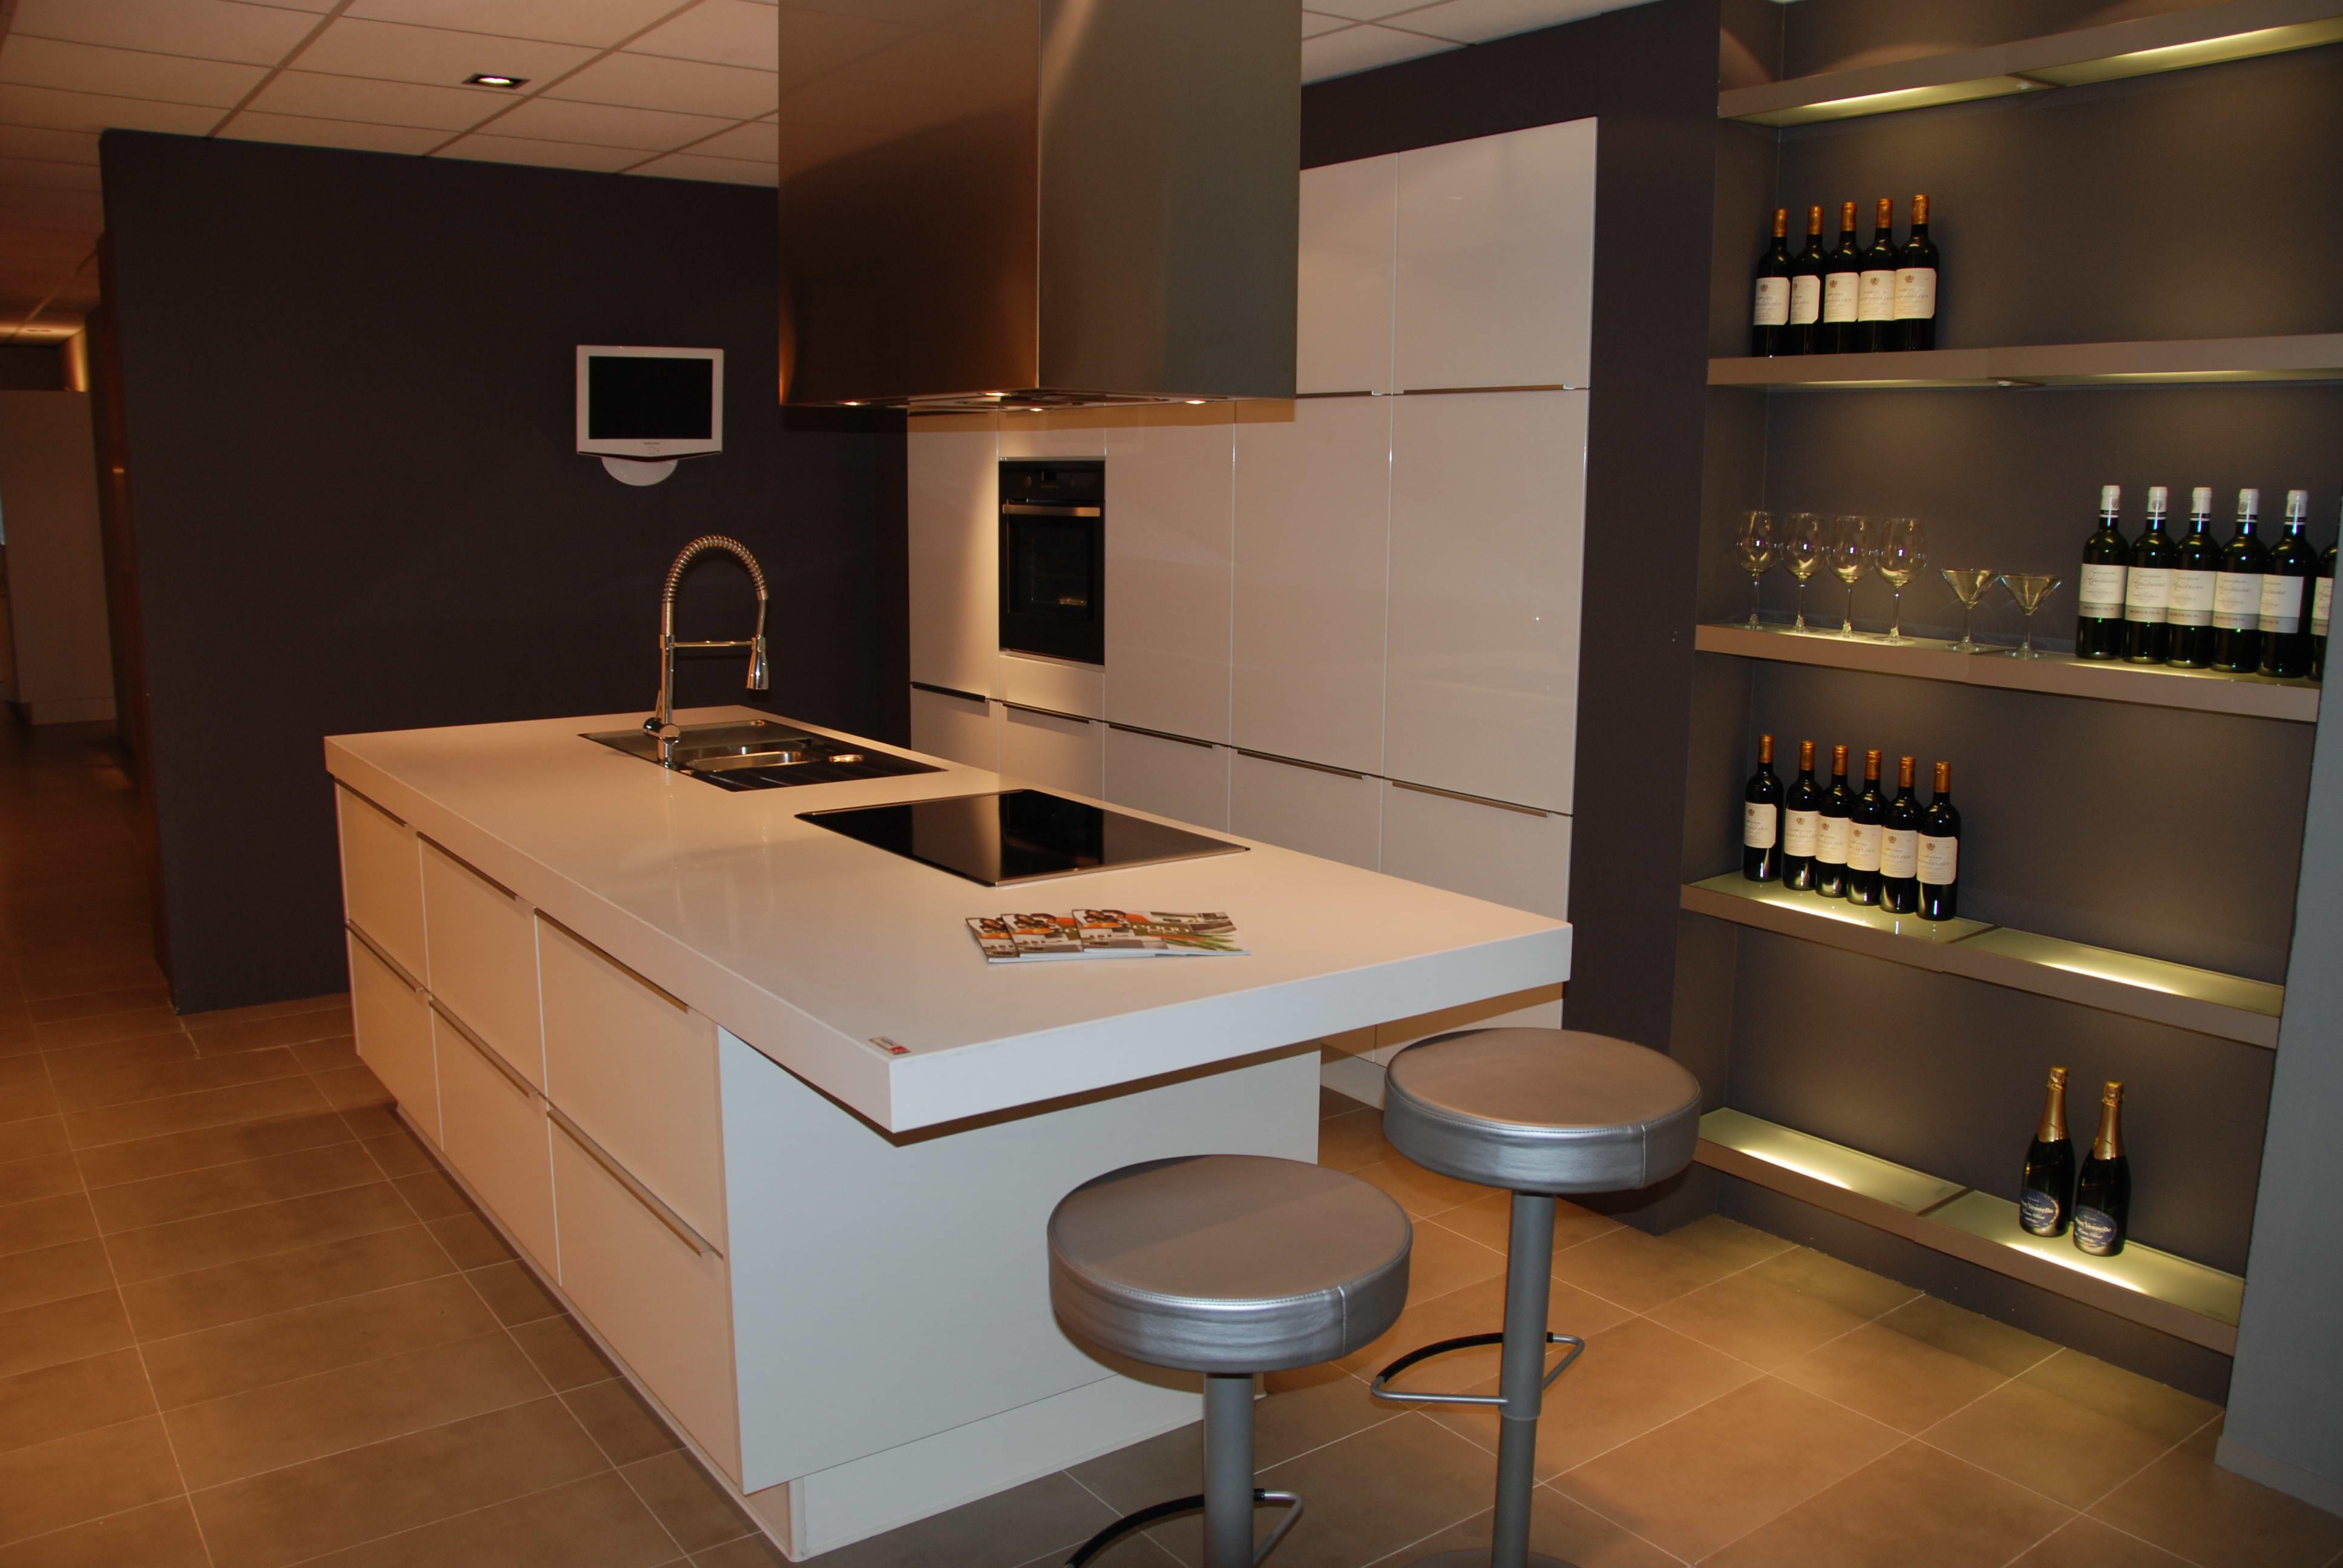 Plan travail cuisine quartz cuisine blanche sans poigne for Plan de travail cuisine quartz prix